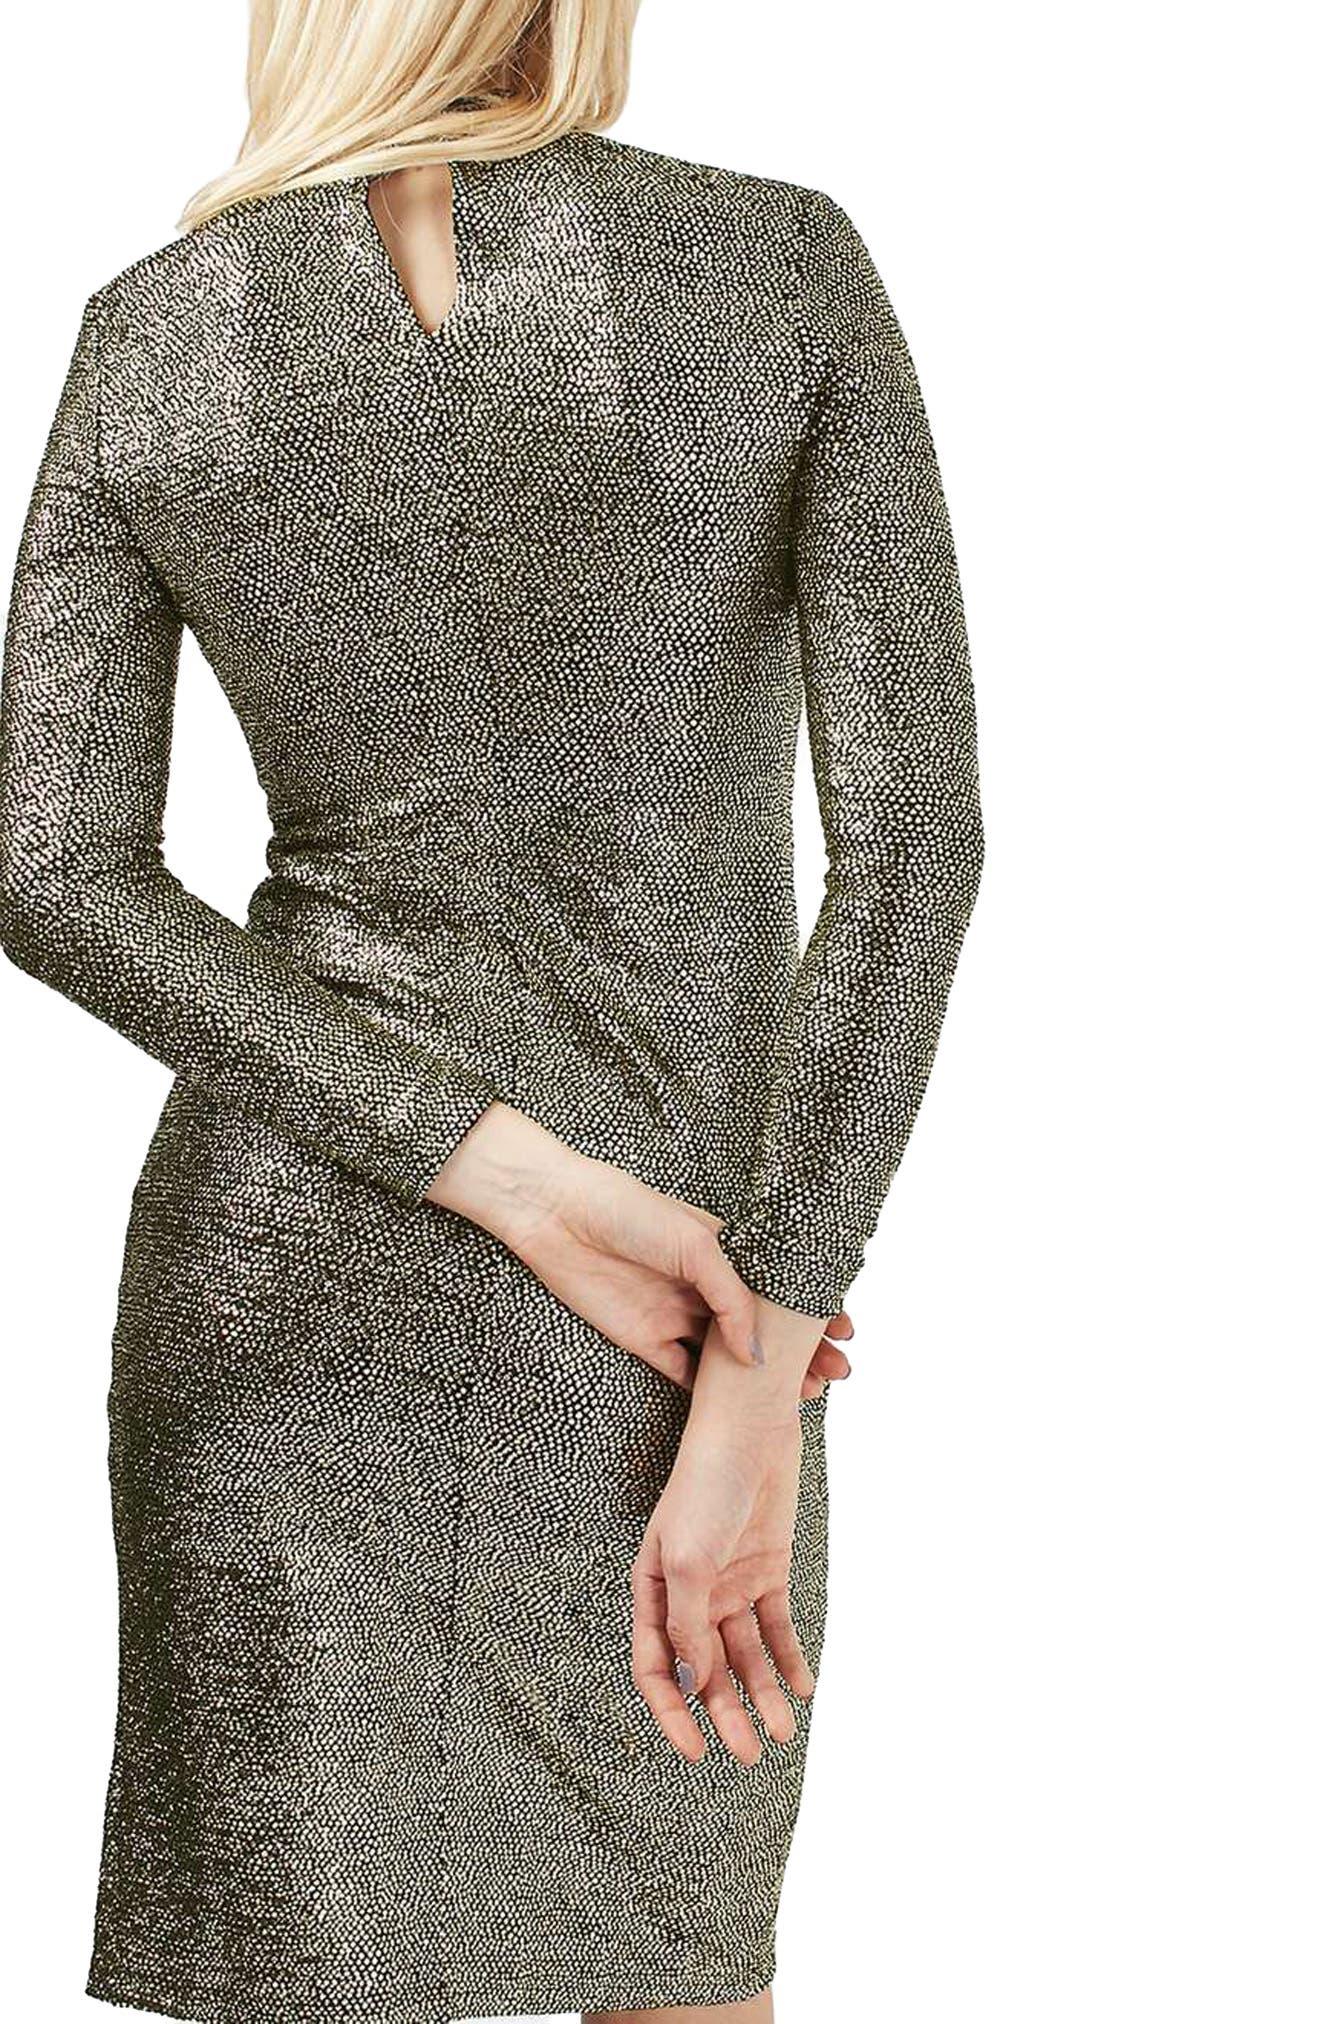 Foil Spot Midi Dress,                             Alternate thumbnail 2, color,                             710